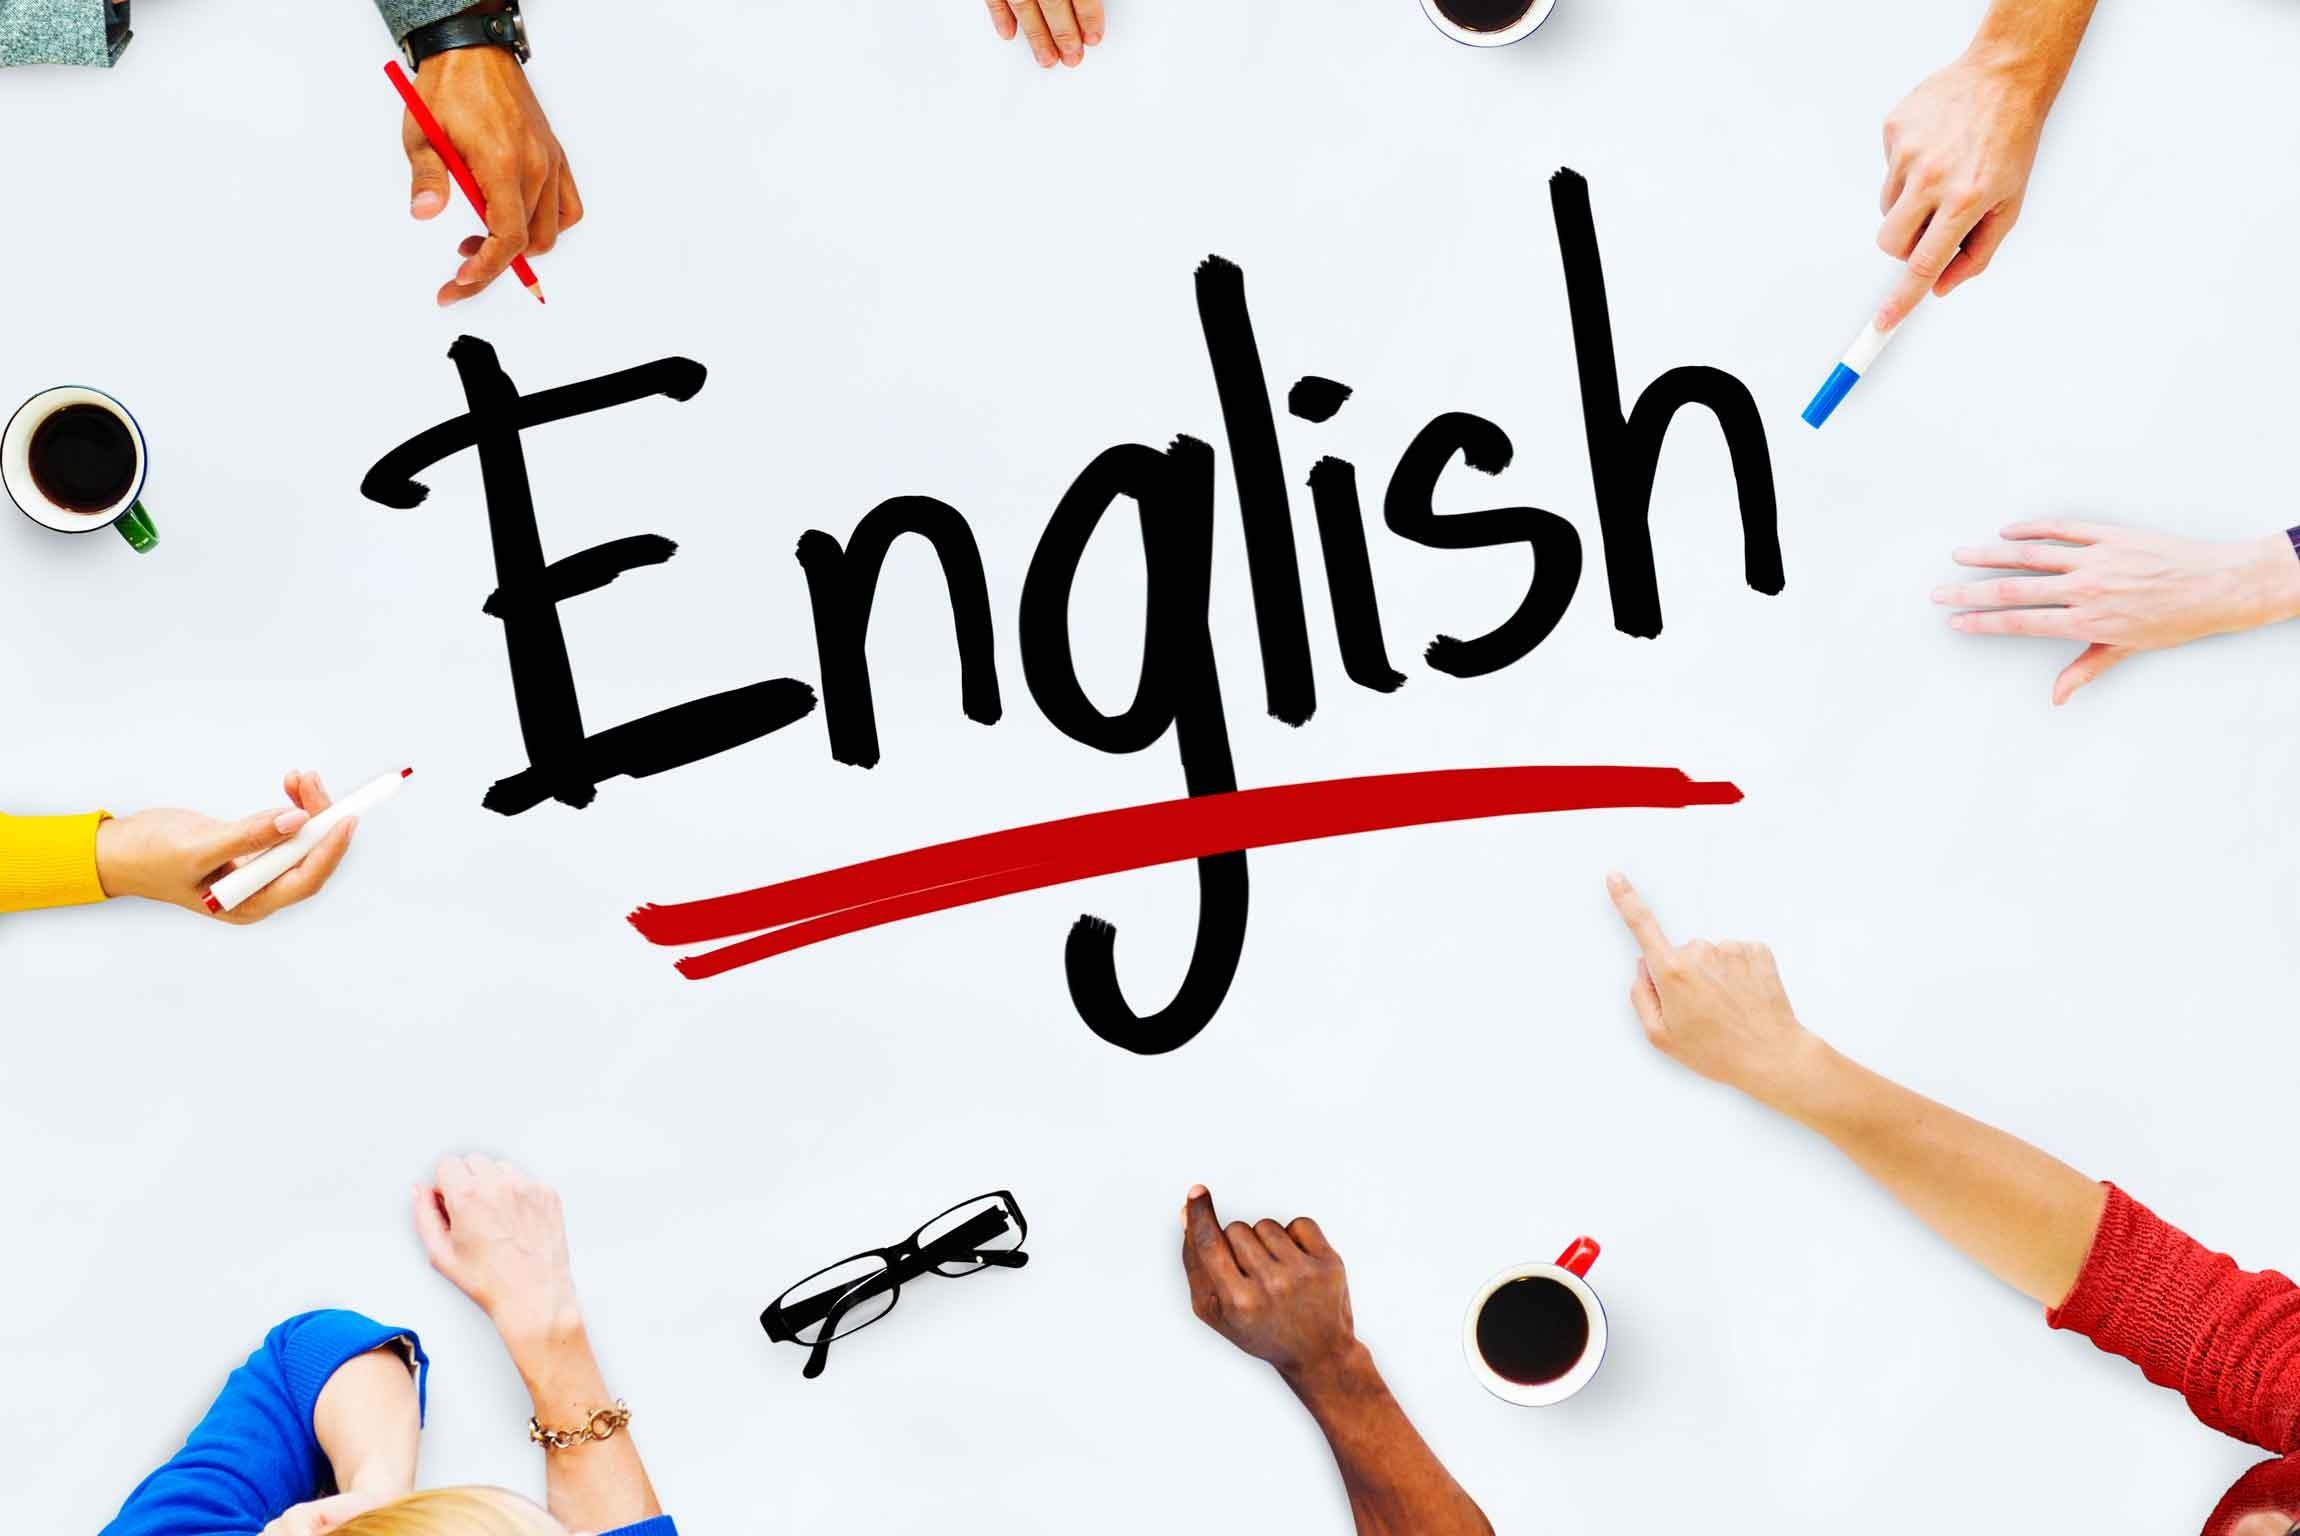 كورسات لغة إنجليزية بالمجان.. طور مهاراتك أونلاين في سبتمبر